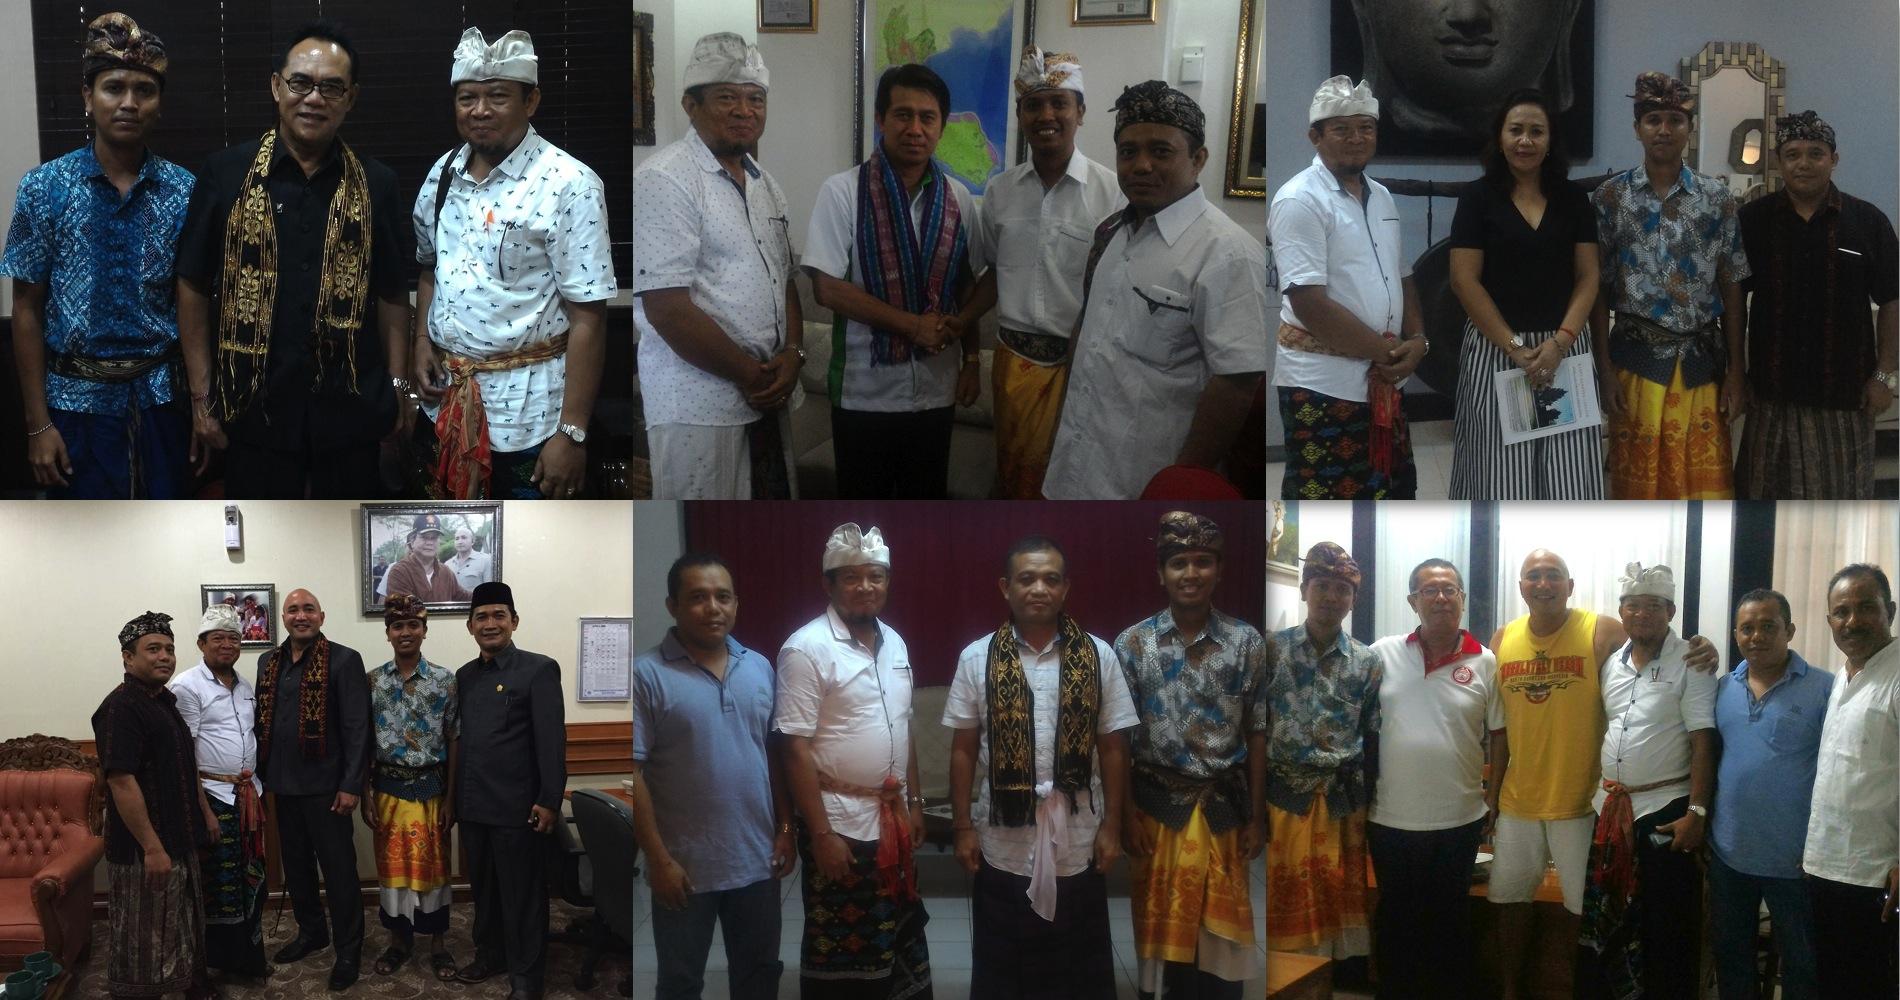 Selamat Datang Hindu Kupang Ntt Berita Kegiatan Hk1 Pura Oebananta